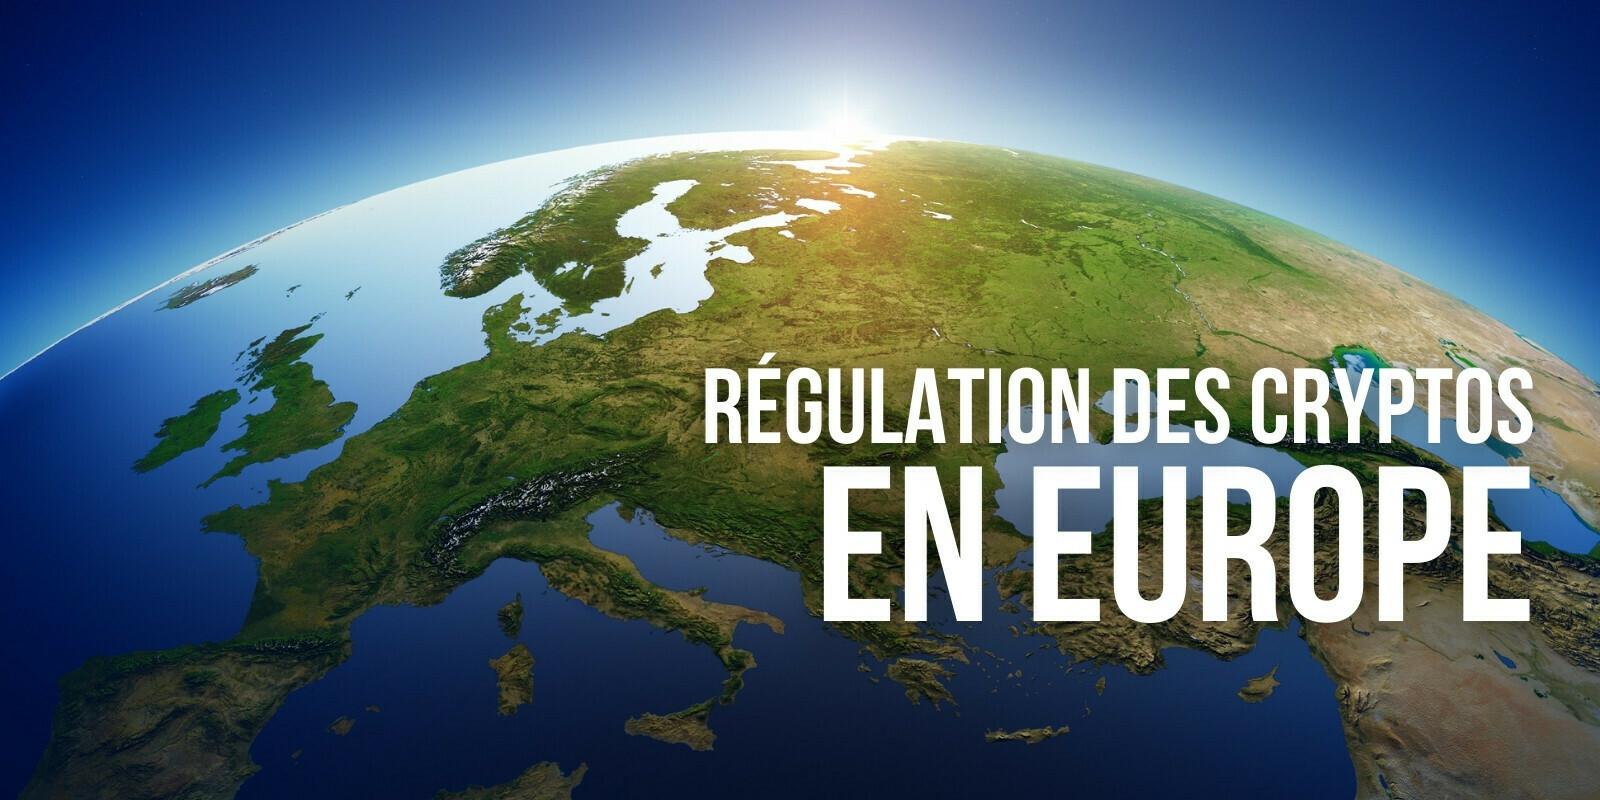 Les Européens souhaitent que les cryptomonnaies soient régulées par les États, et pas l'UE